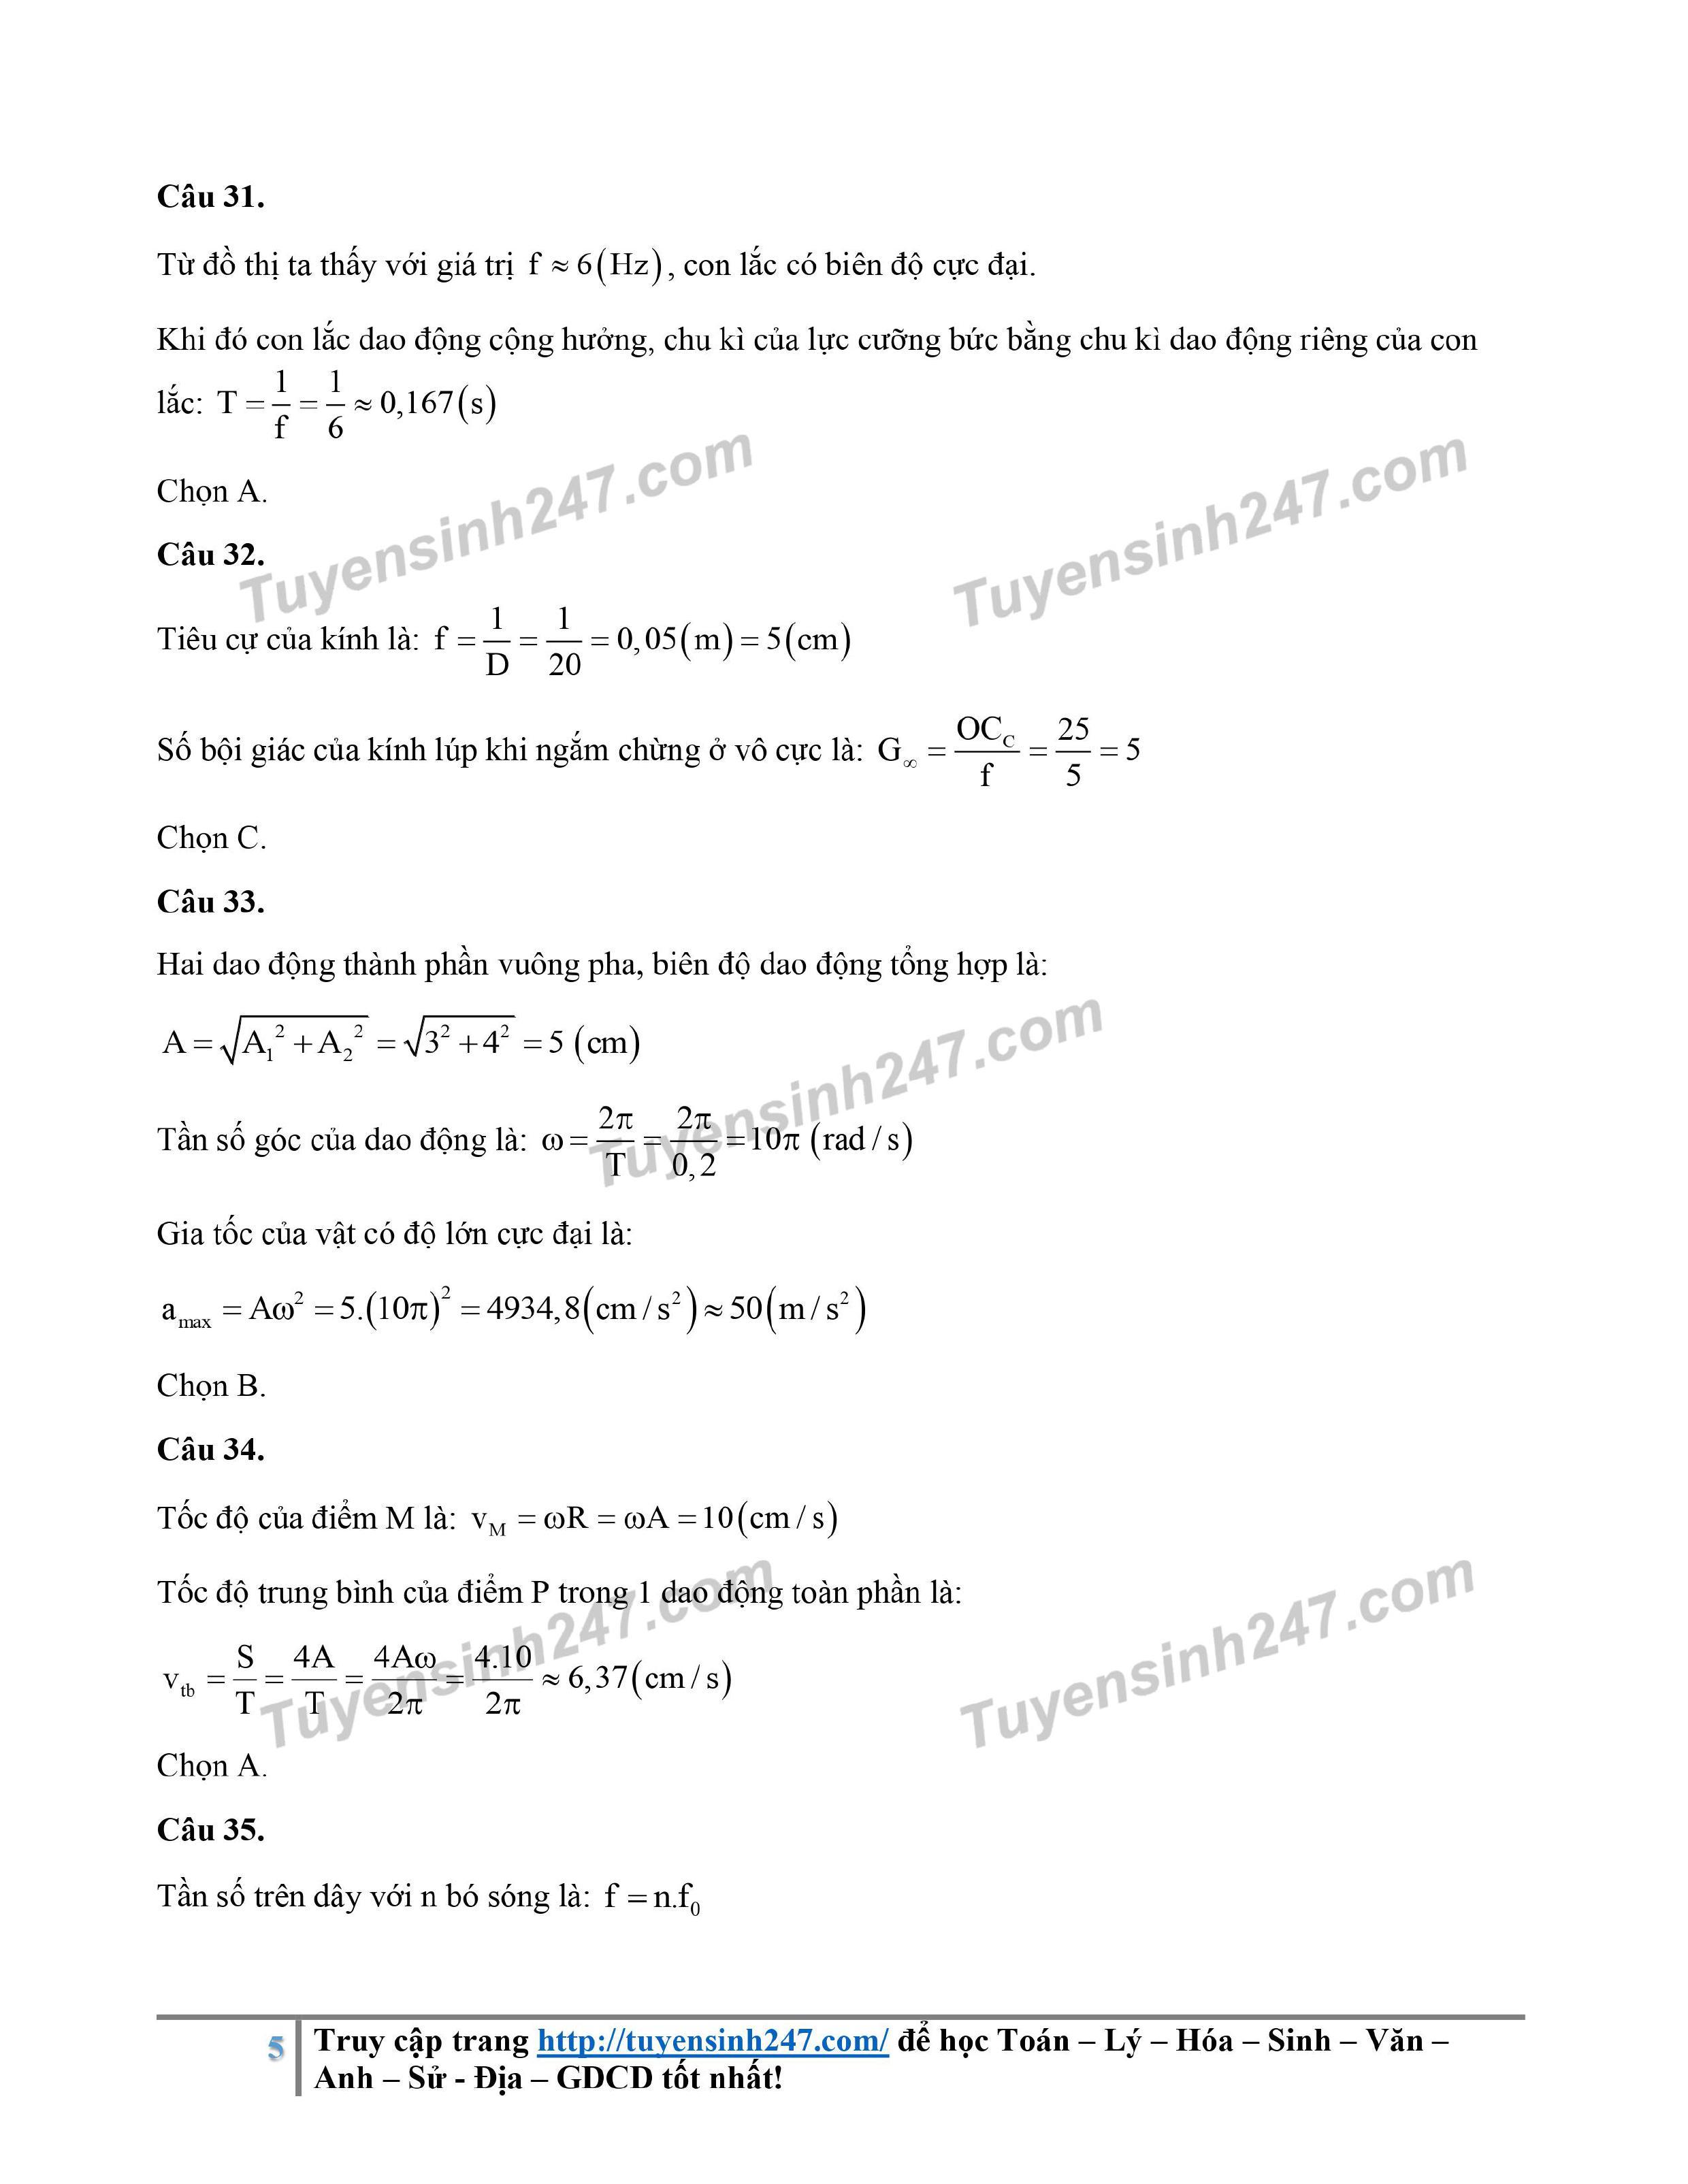 Đáp án gợi ý đề thi môn Vật lý kỳ thi tốt nghiệp THPT 2020 - Ảnh 5